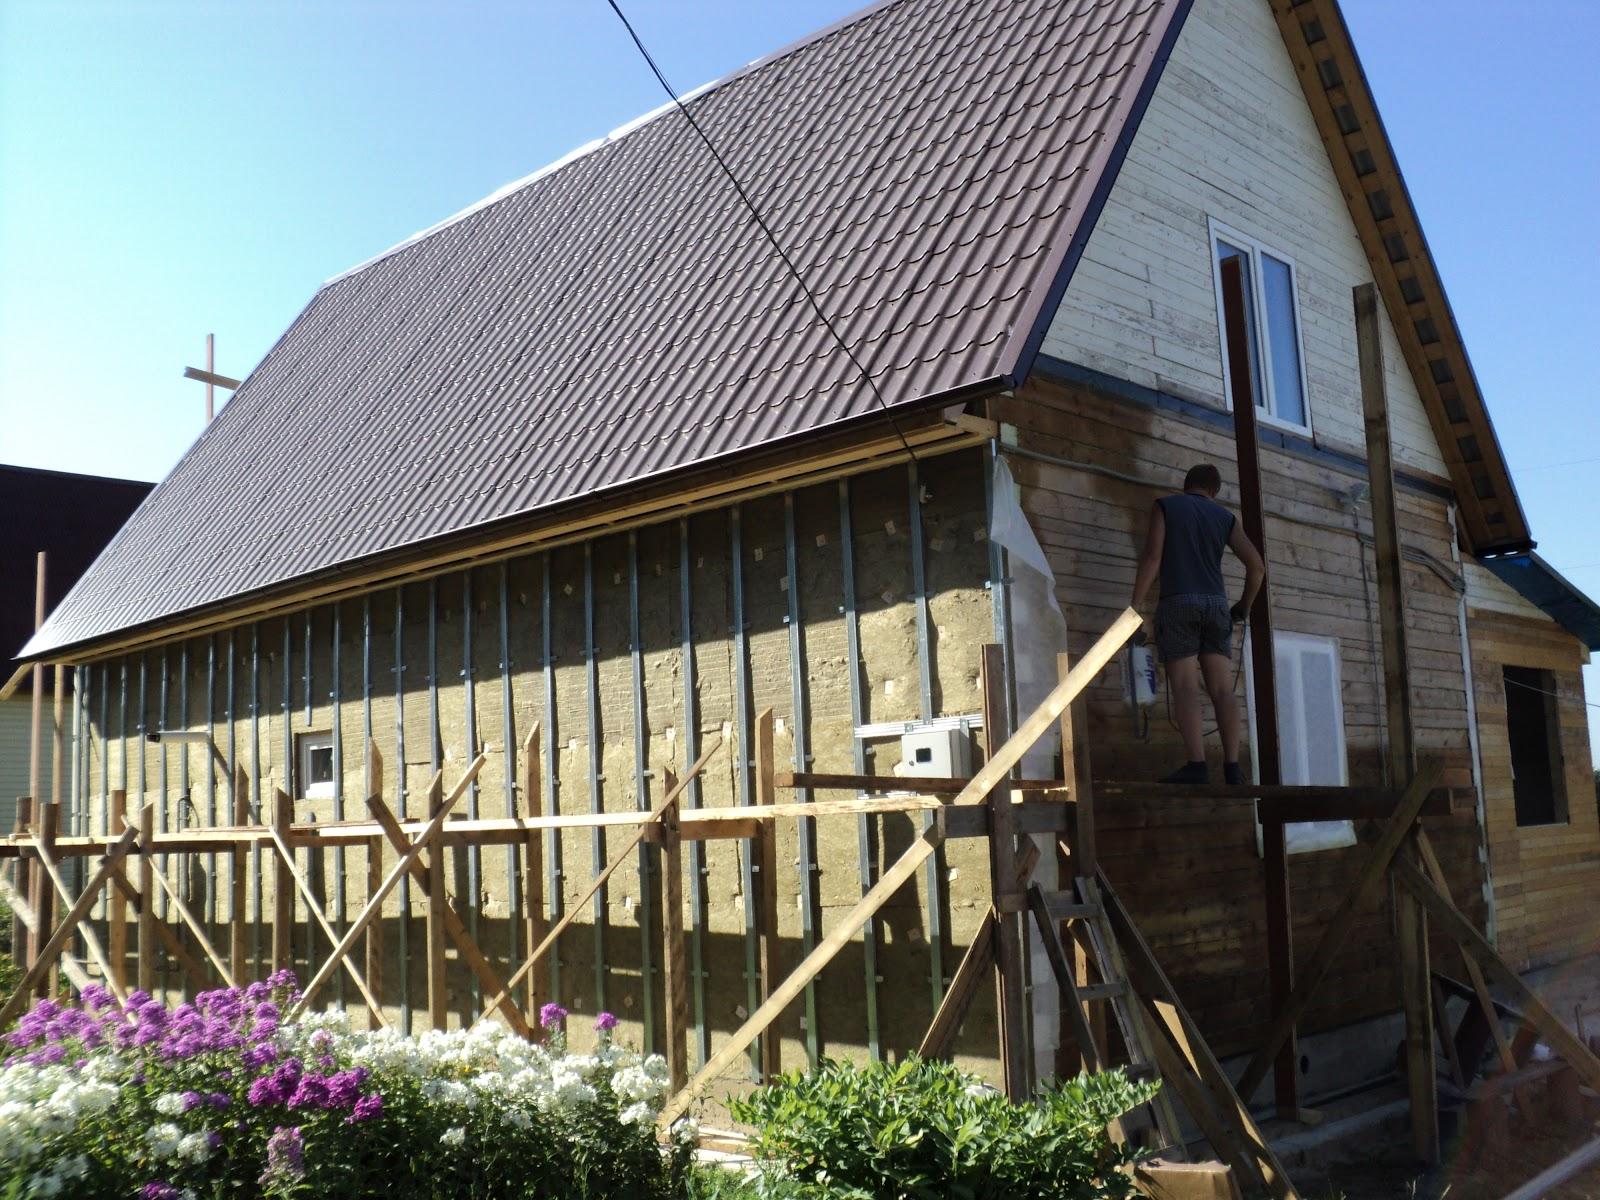 Привести в порядок внешний вид старого деревянного здания можно несколькими способами